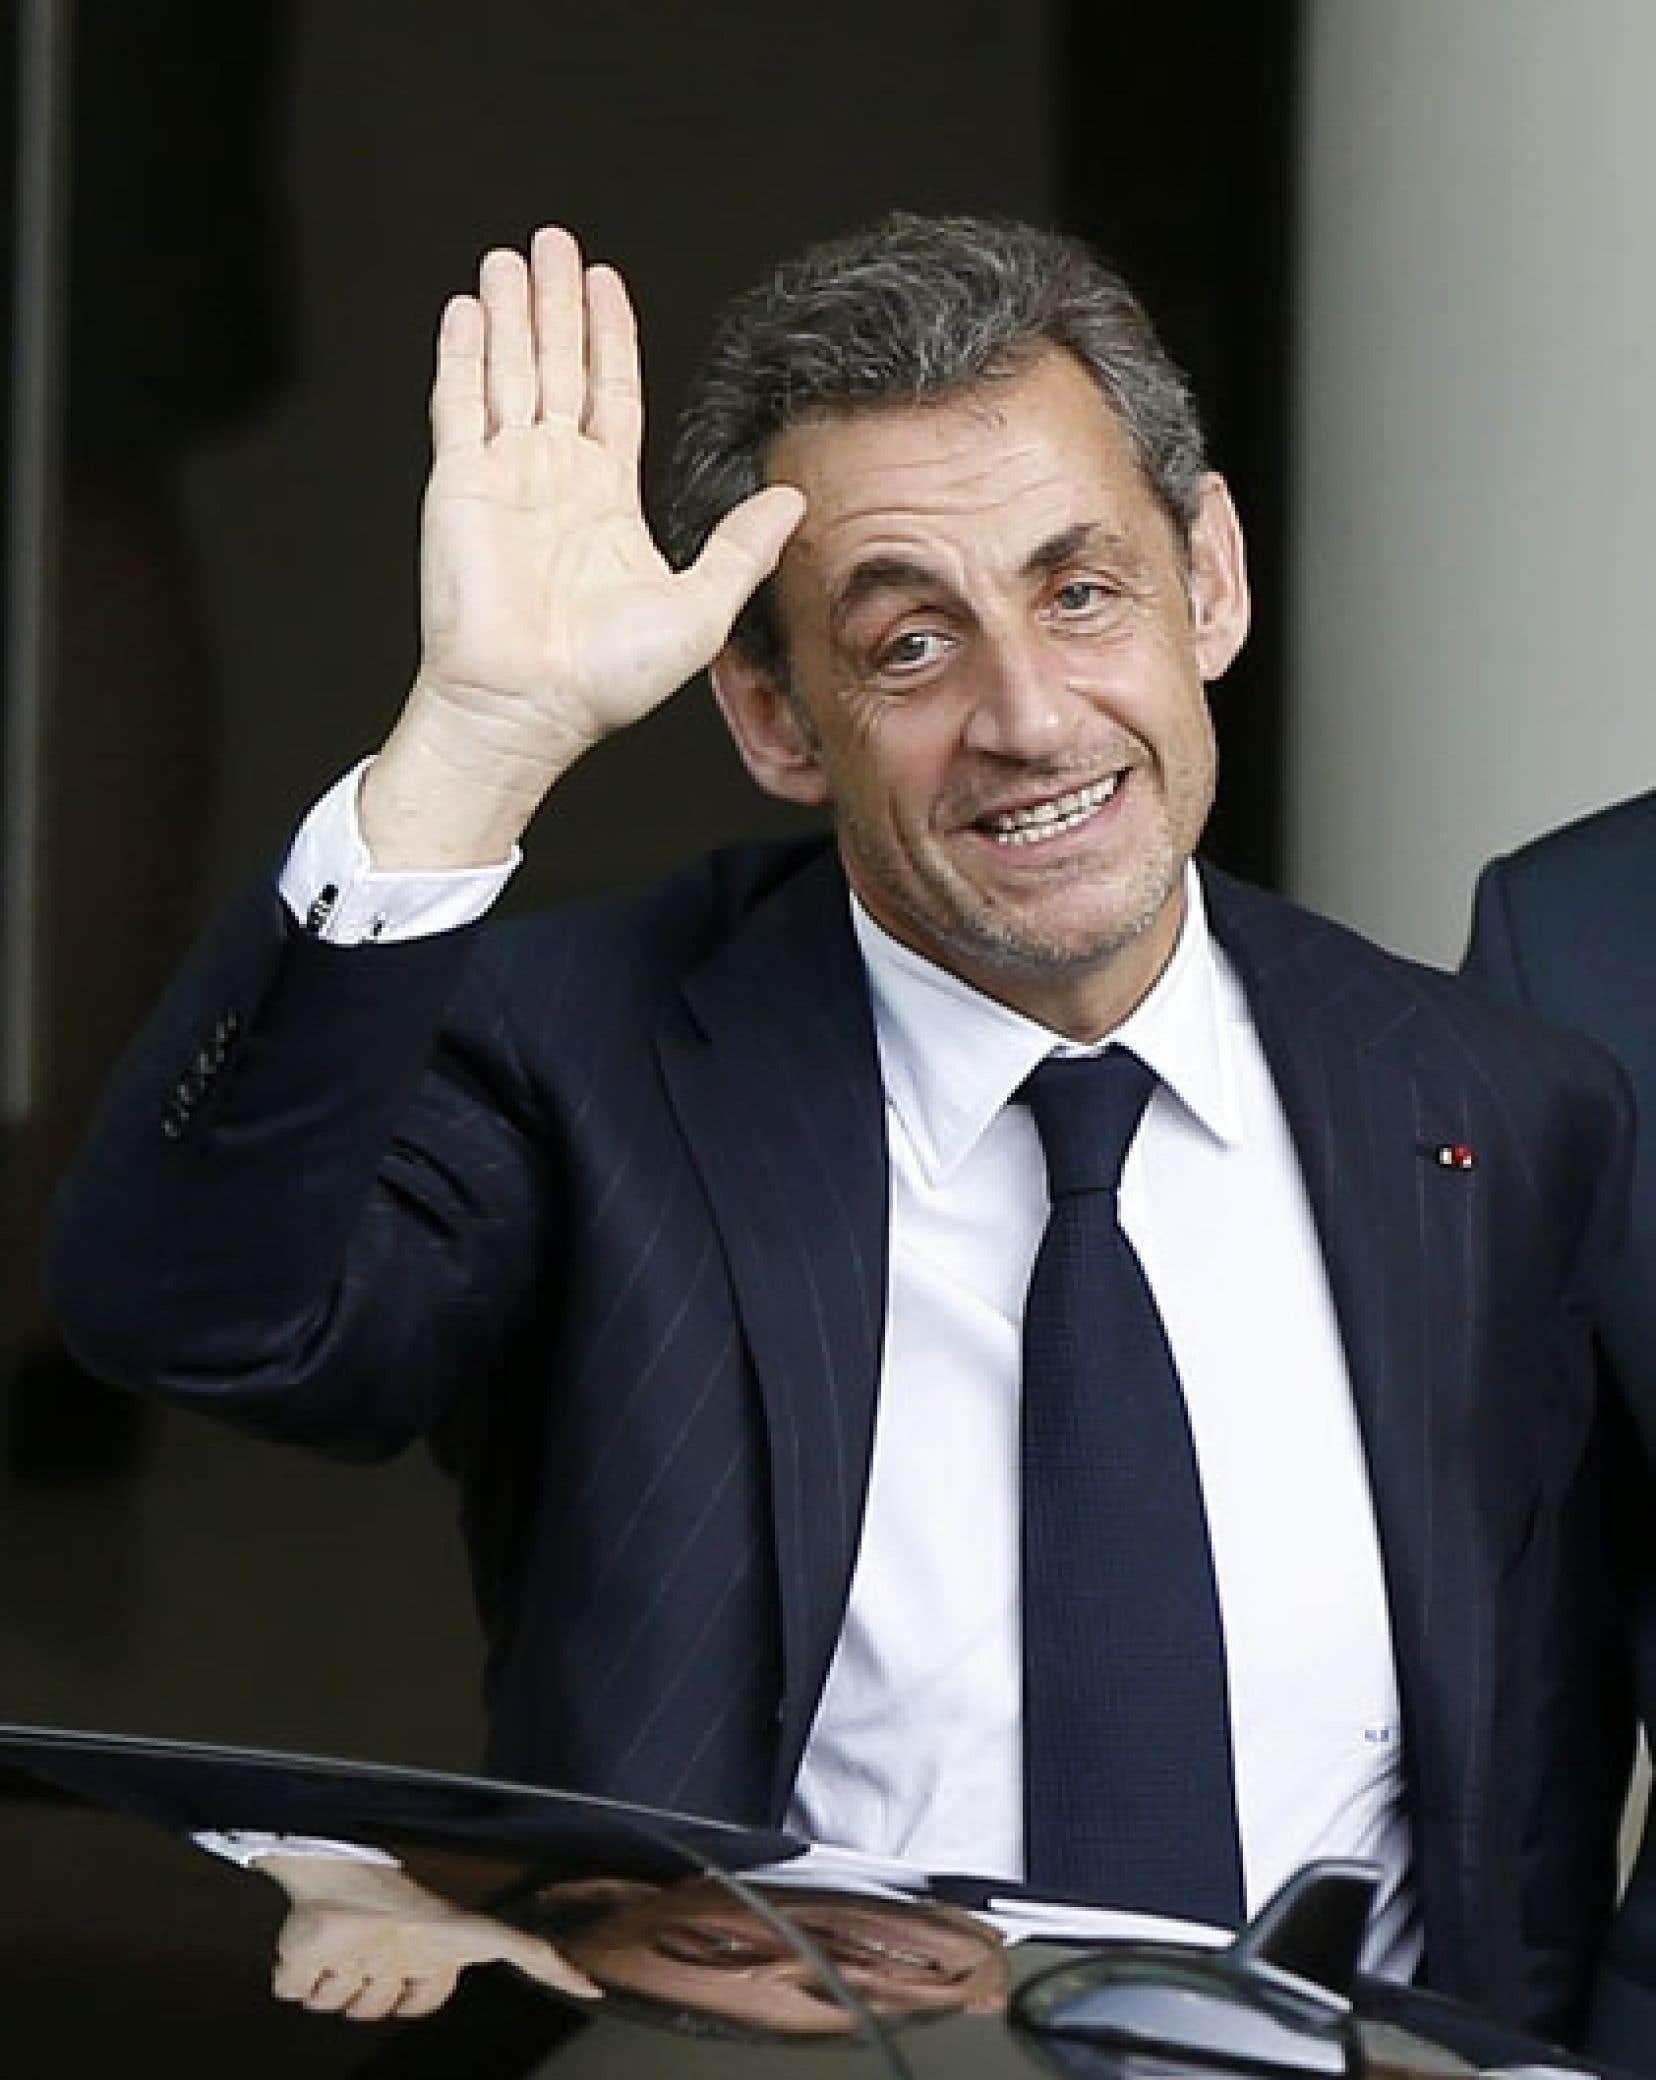 L'ancien président français Nicolas Sarkozy photographié à Monaco, le 18juin dernier, après avoir prononcé une conférence privée. Soupçonné de trafic d'influence et de violation du secret de l'instruction, il a été mis en examen après un long interrogatoire.